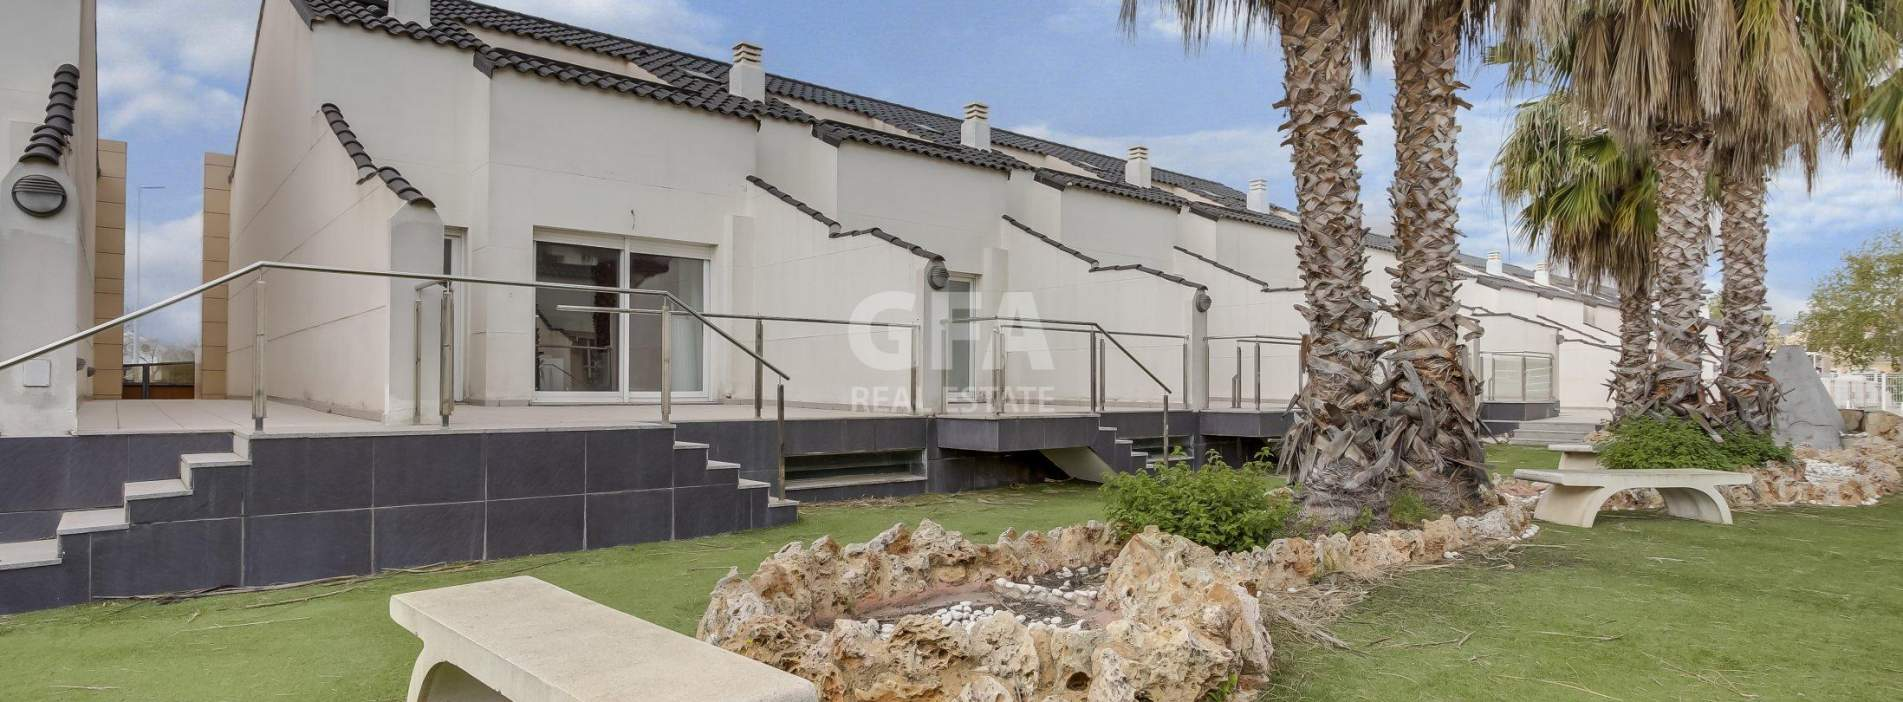 Adosados en venta en Gandía - Residencial El Palmeral